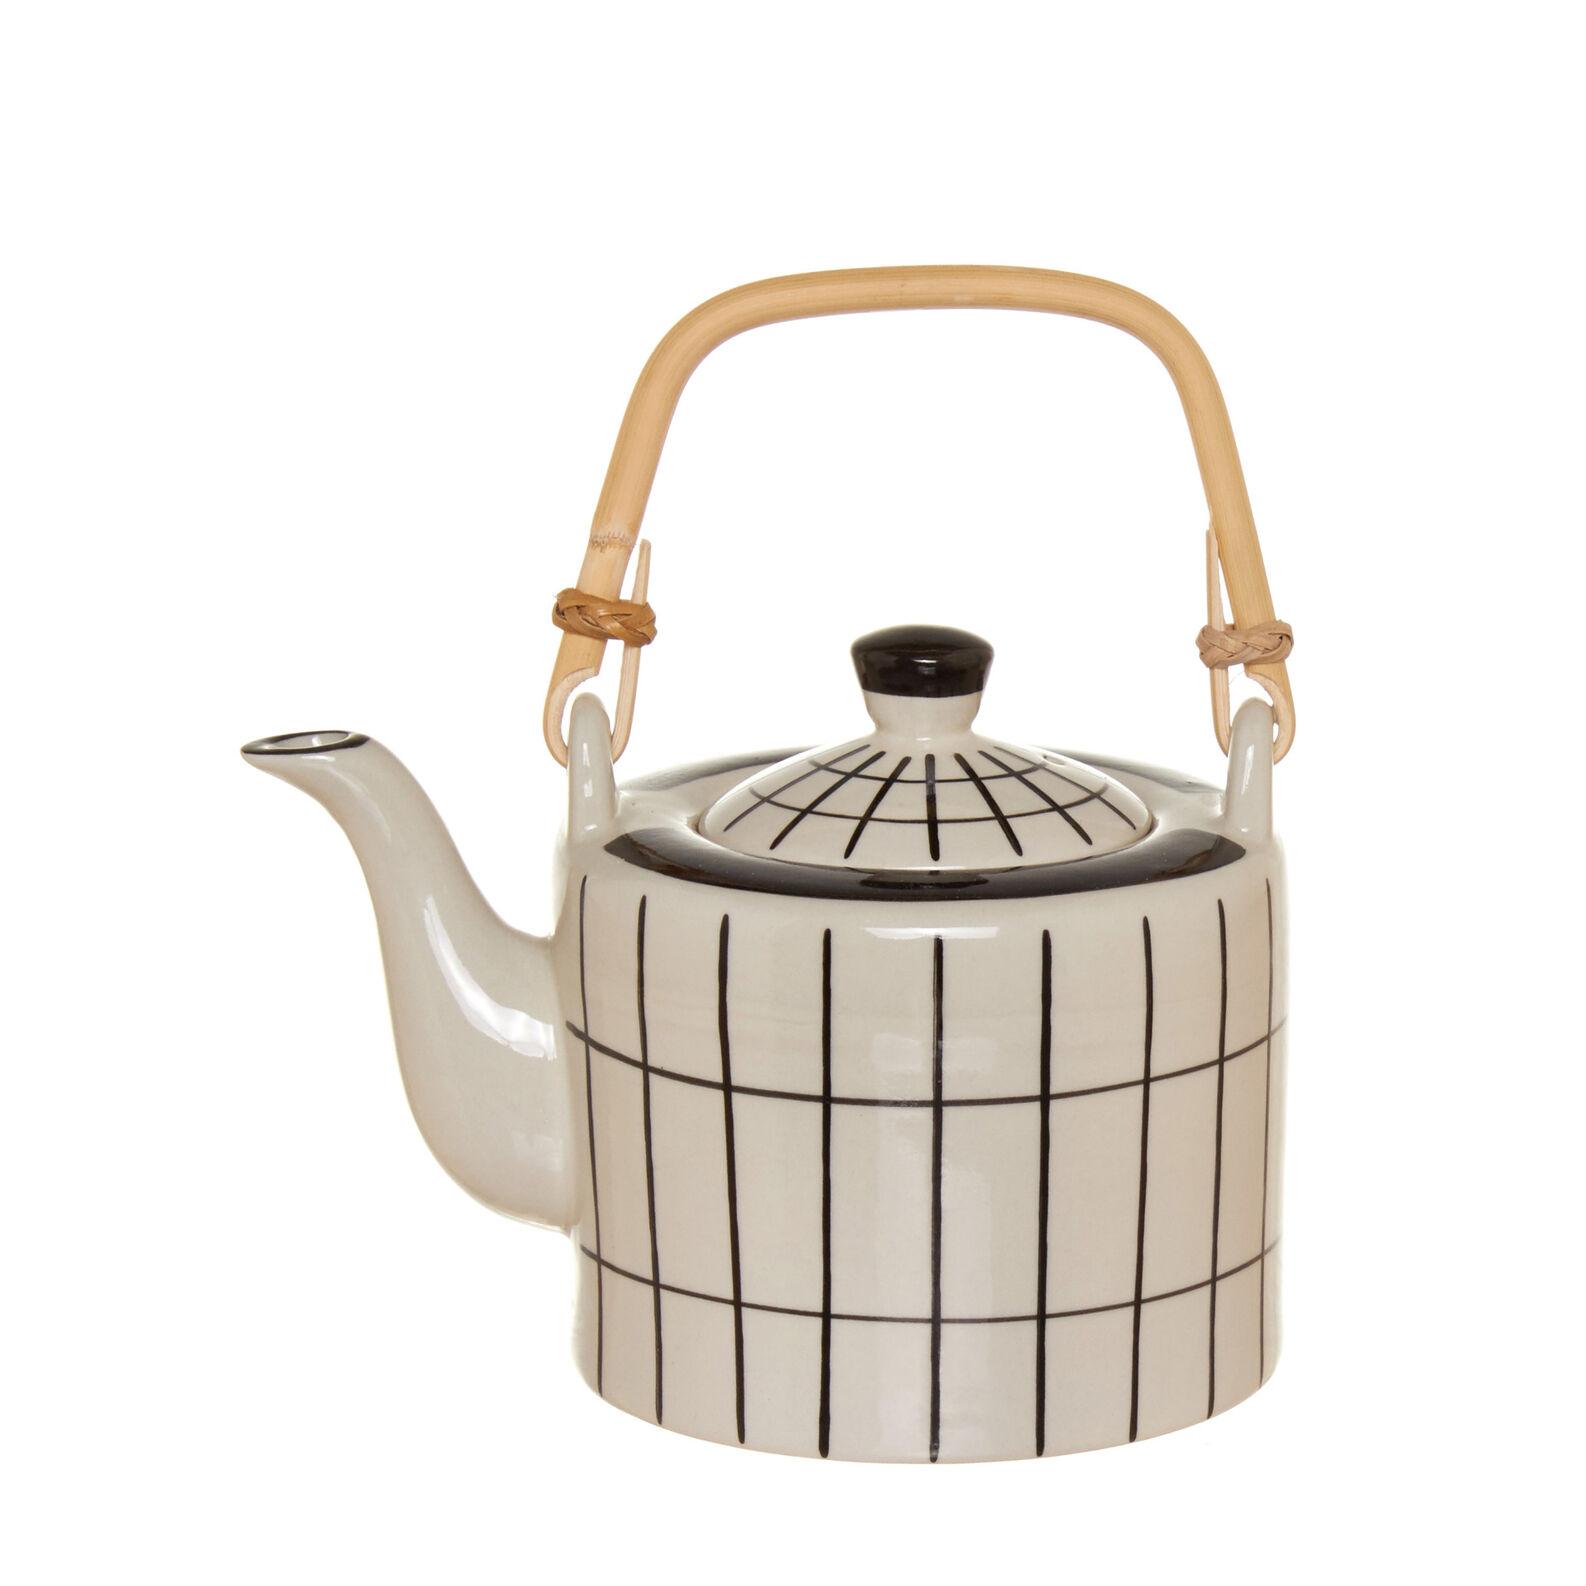 Ceramic teapot with bamboo handle coincasa - Bamboo teapot handles ...